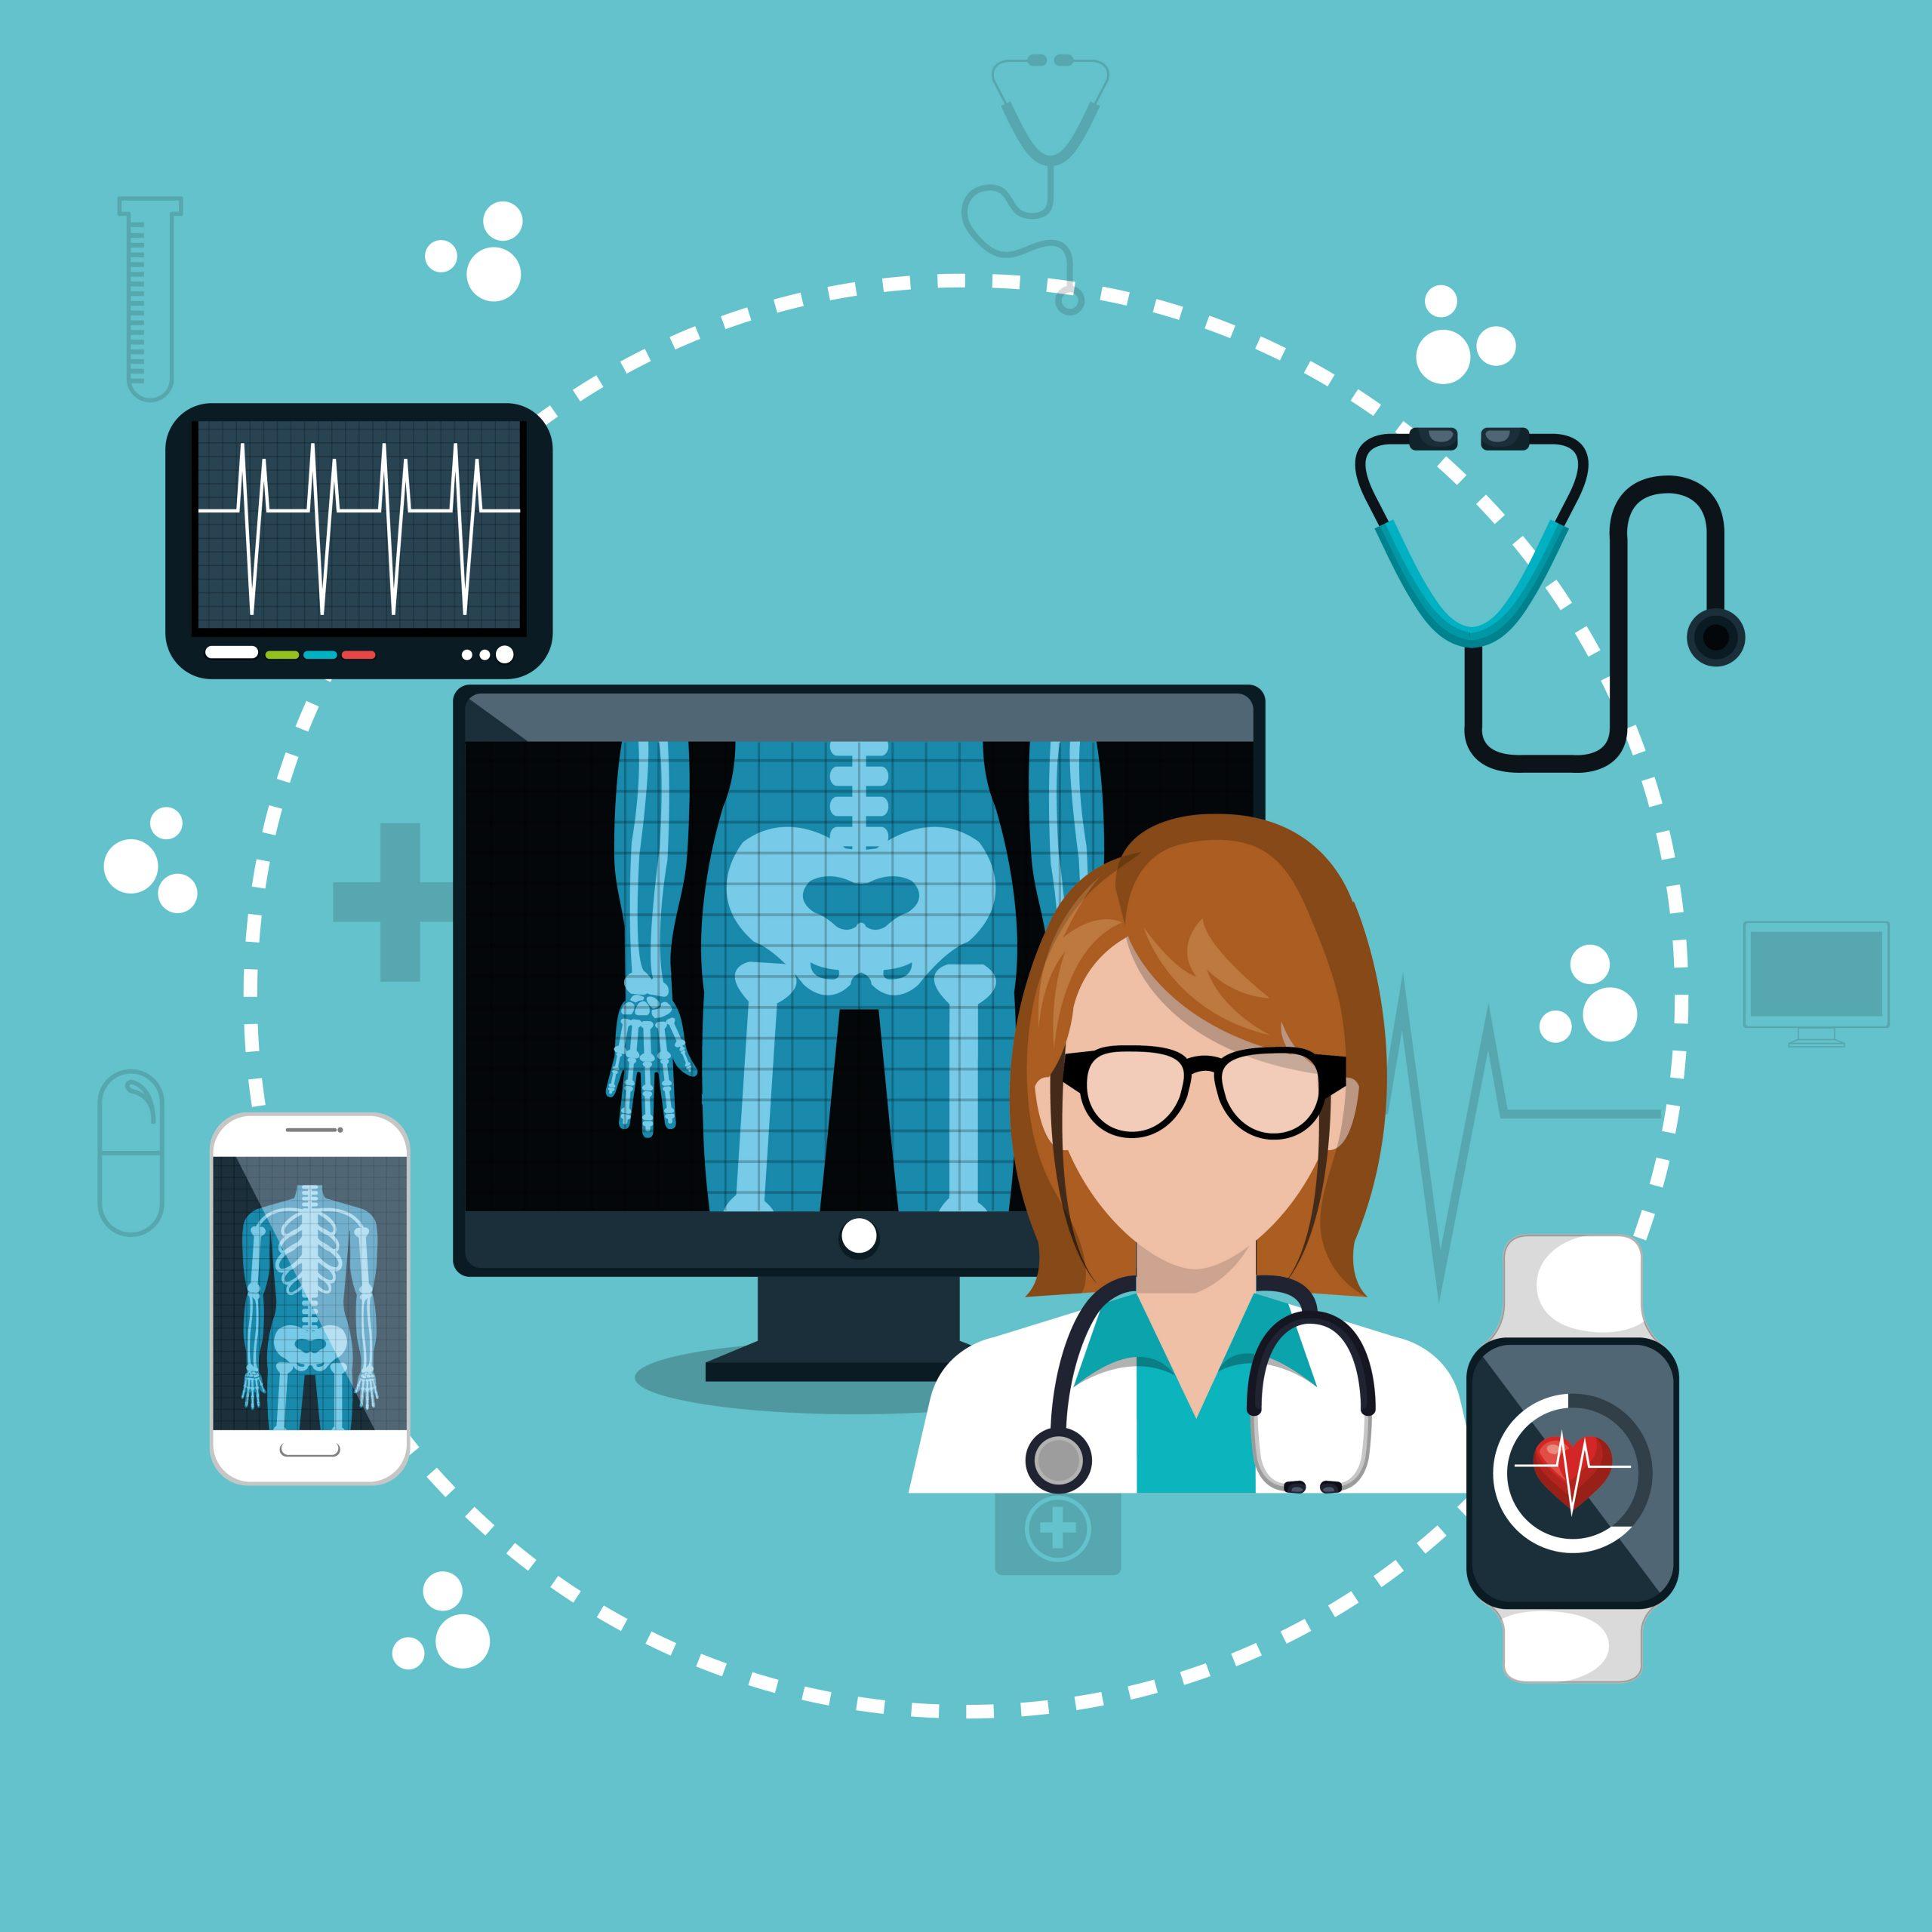 Médica ao lado de um computador e celular mostrando um raio-x e eletrocardiograma